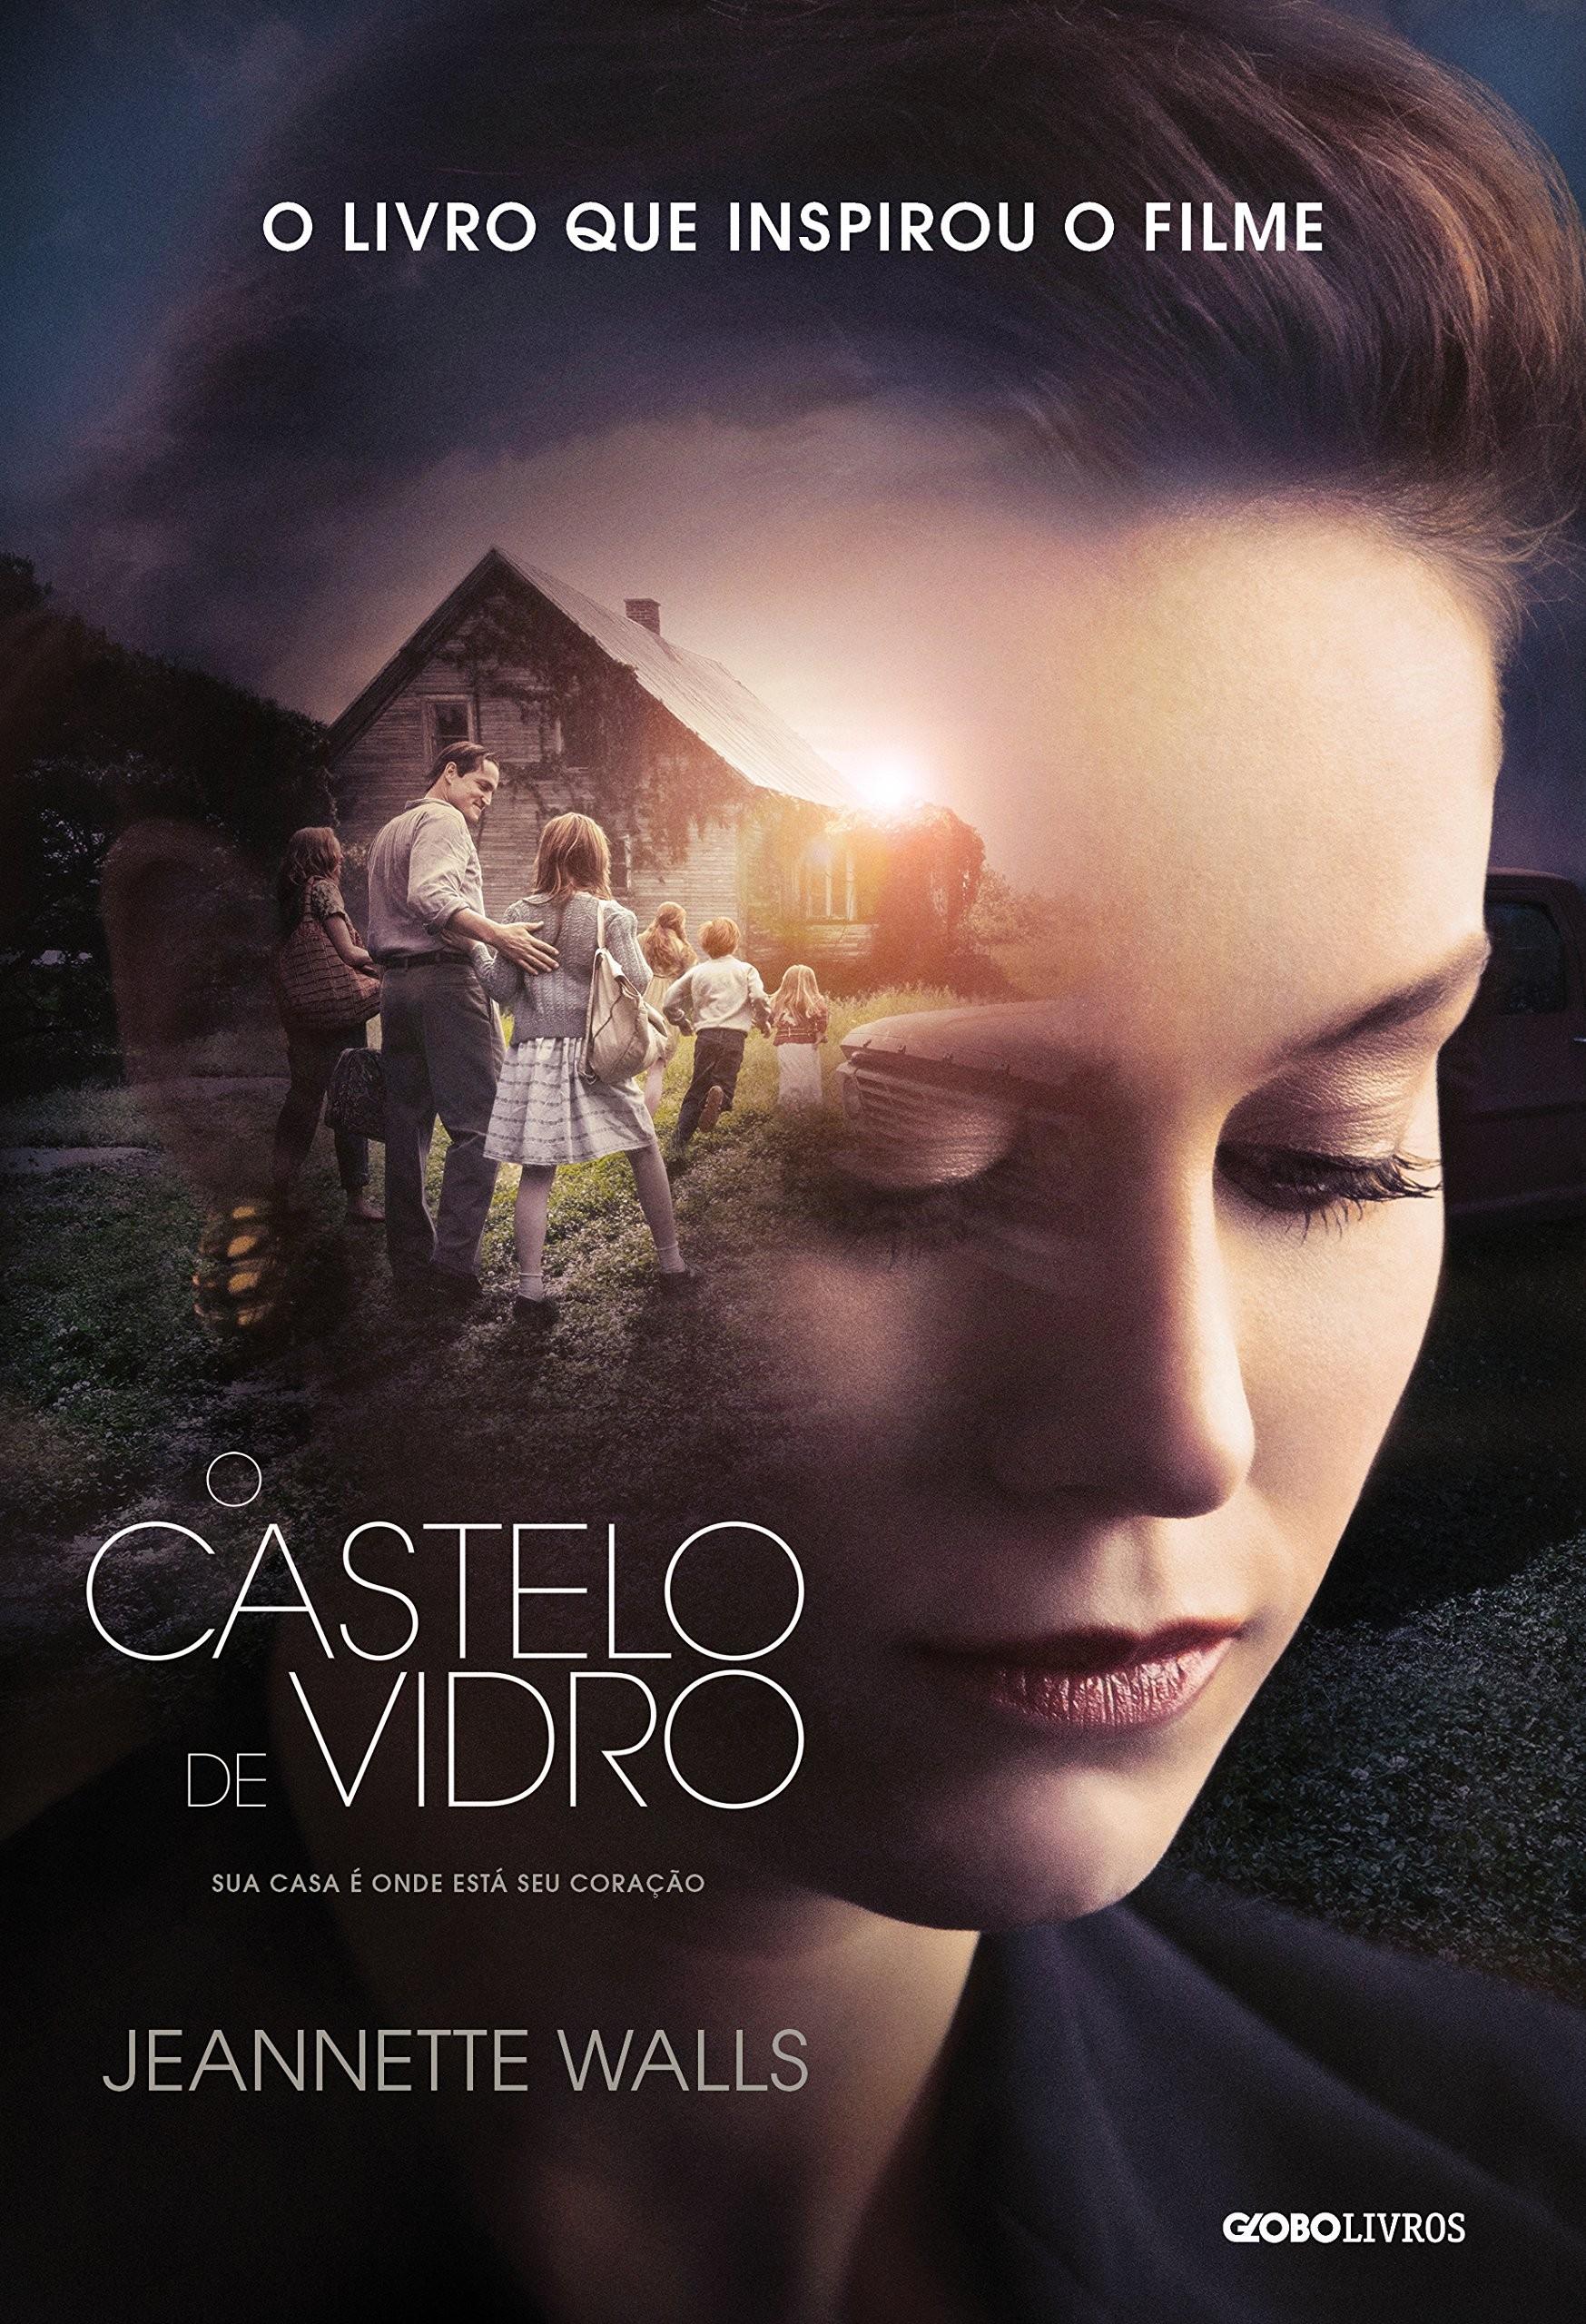 O Castelo de Vidro: autobiografia emocionante foi adaptada para os cinemas (Foto: Divulgação)